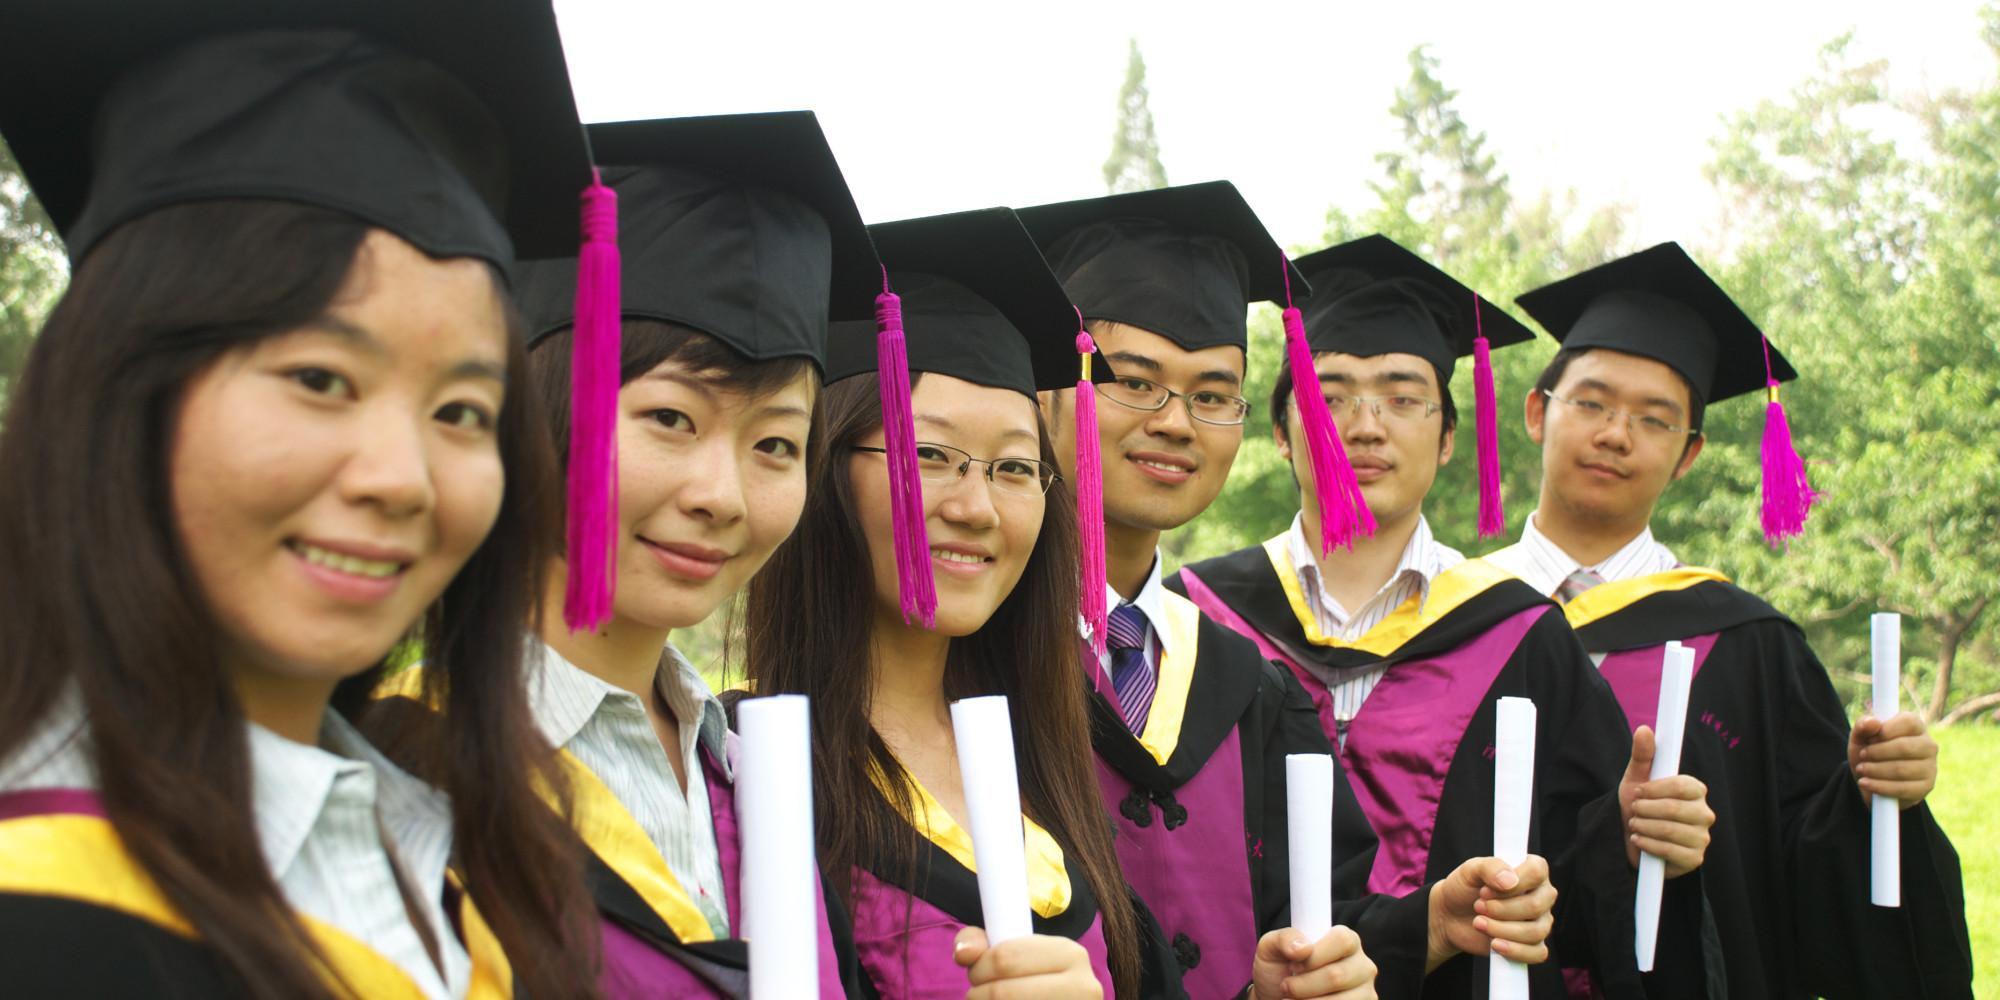 Pourquoi les Etudes à l'Etranger sont-elles Devenues si Populaires auprès des chinois  ?